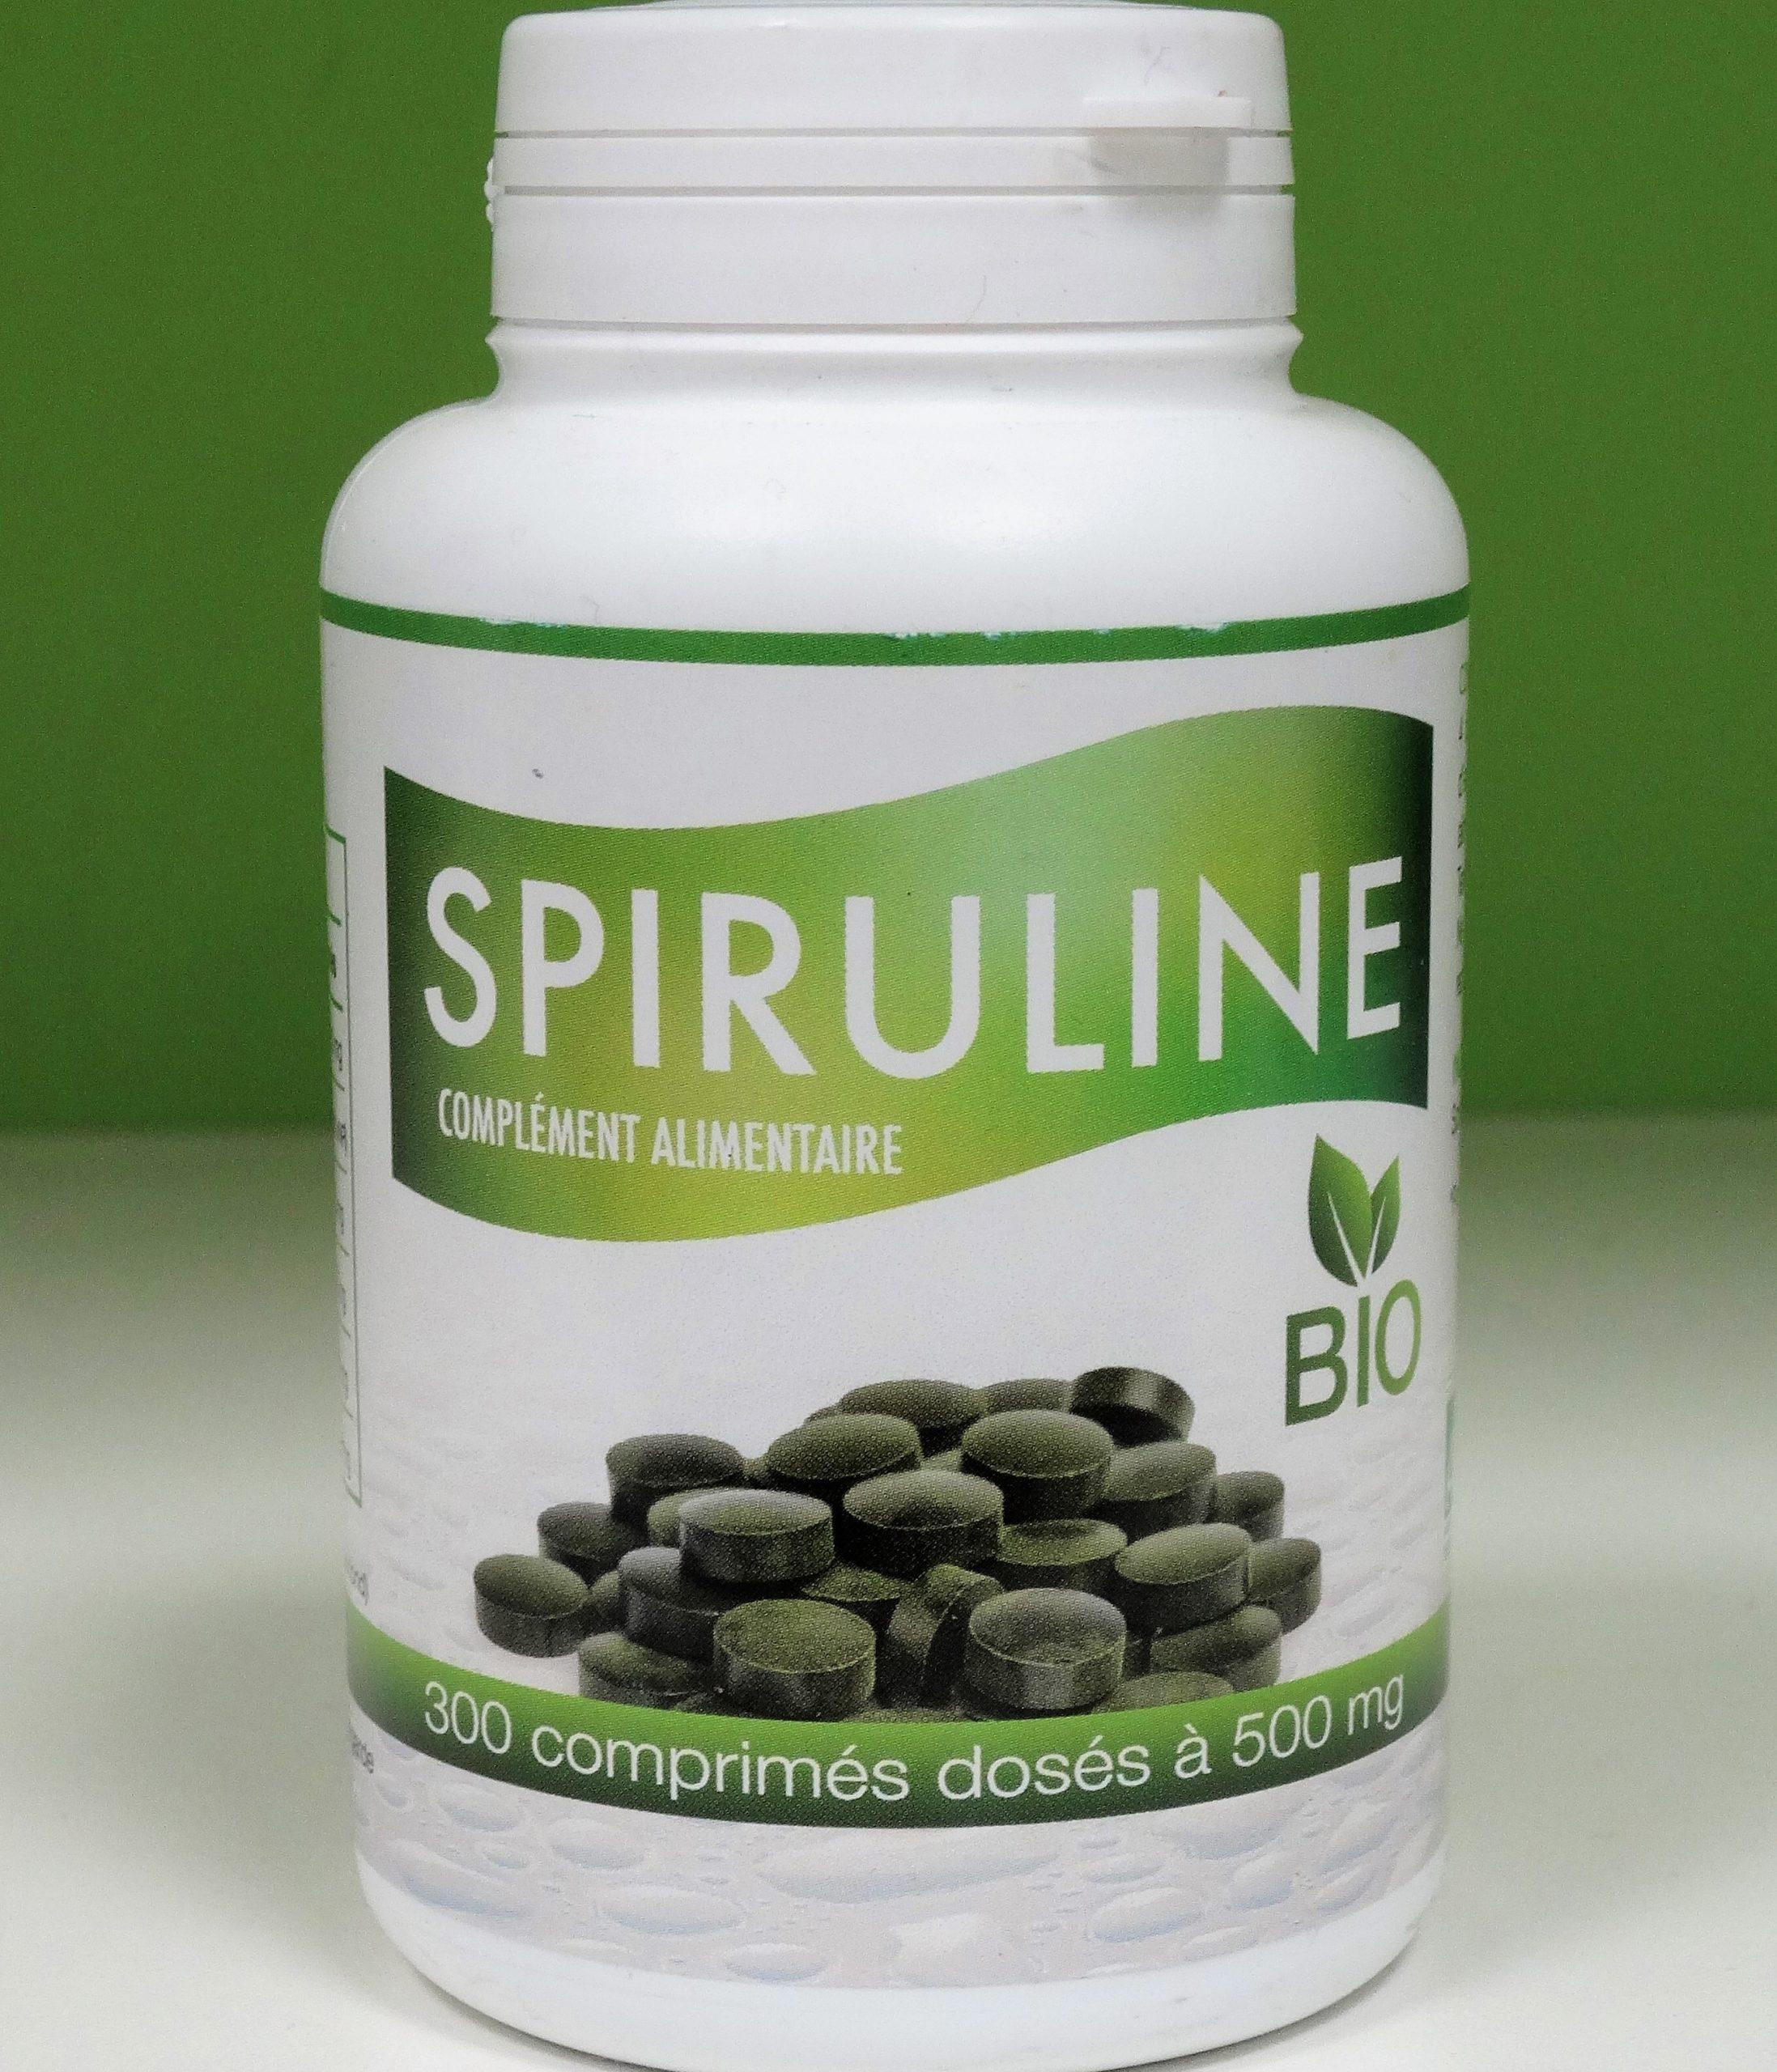 La espirulina es un superalimento cargado de vitaminas A, E, B1, B2, B3, B6, B12, proteínas, minerales, ácidos grasos esenciales, ácidos nucleicos y clorofila